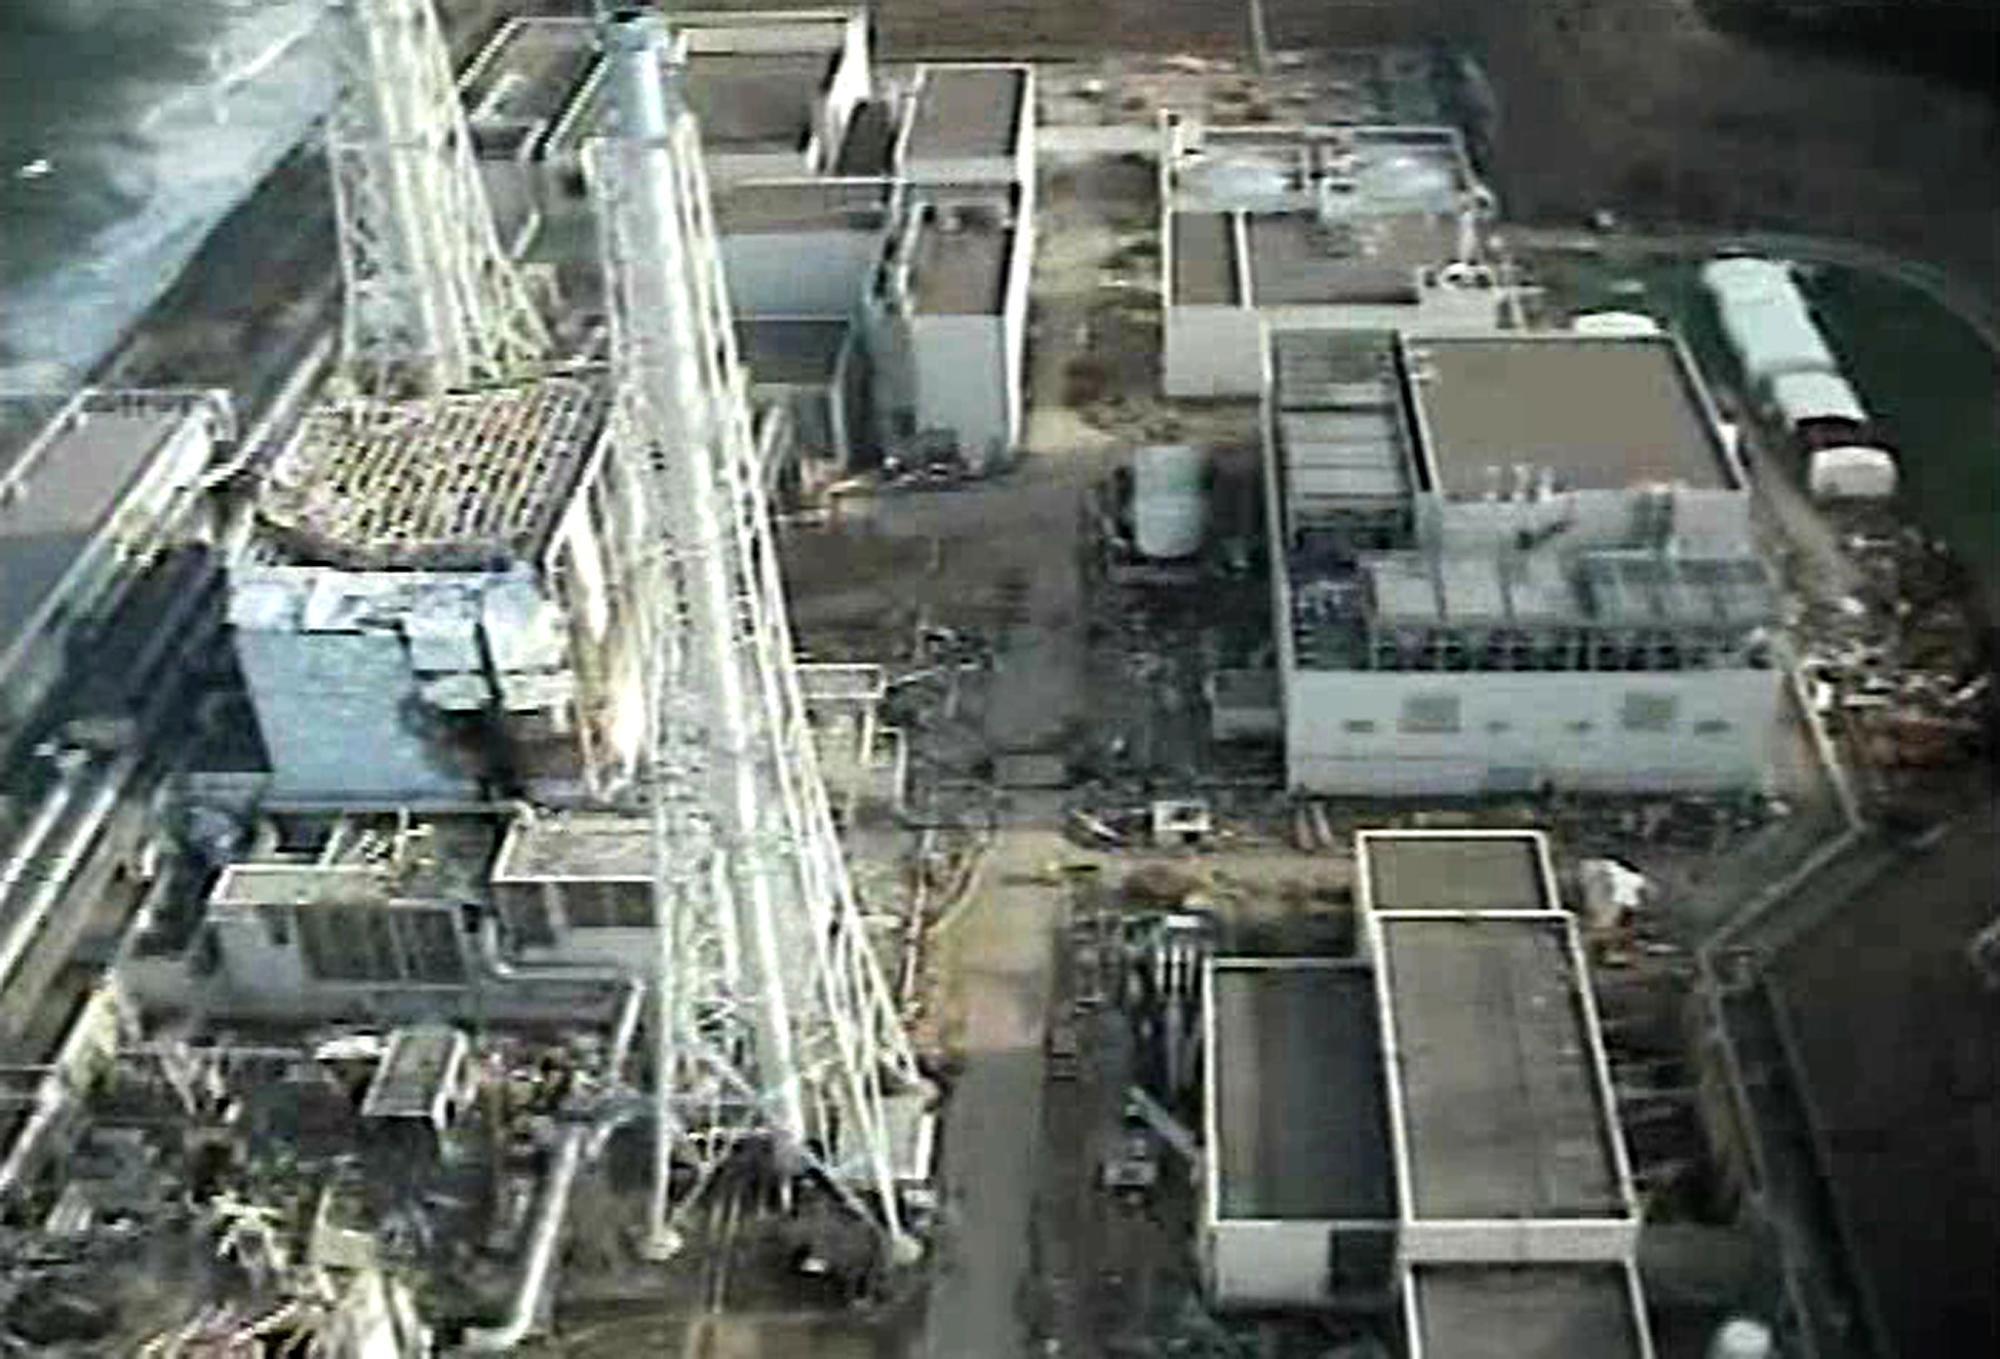 Japonia nu a învățat nimic după dezastrul nuclear din 2011. La trei ani de la Fukushima, va fi pornită o nouă centrală nucleară